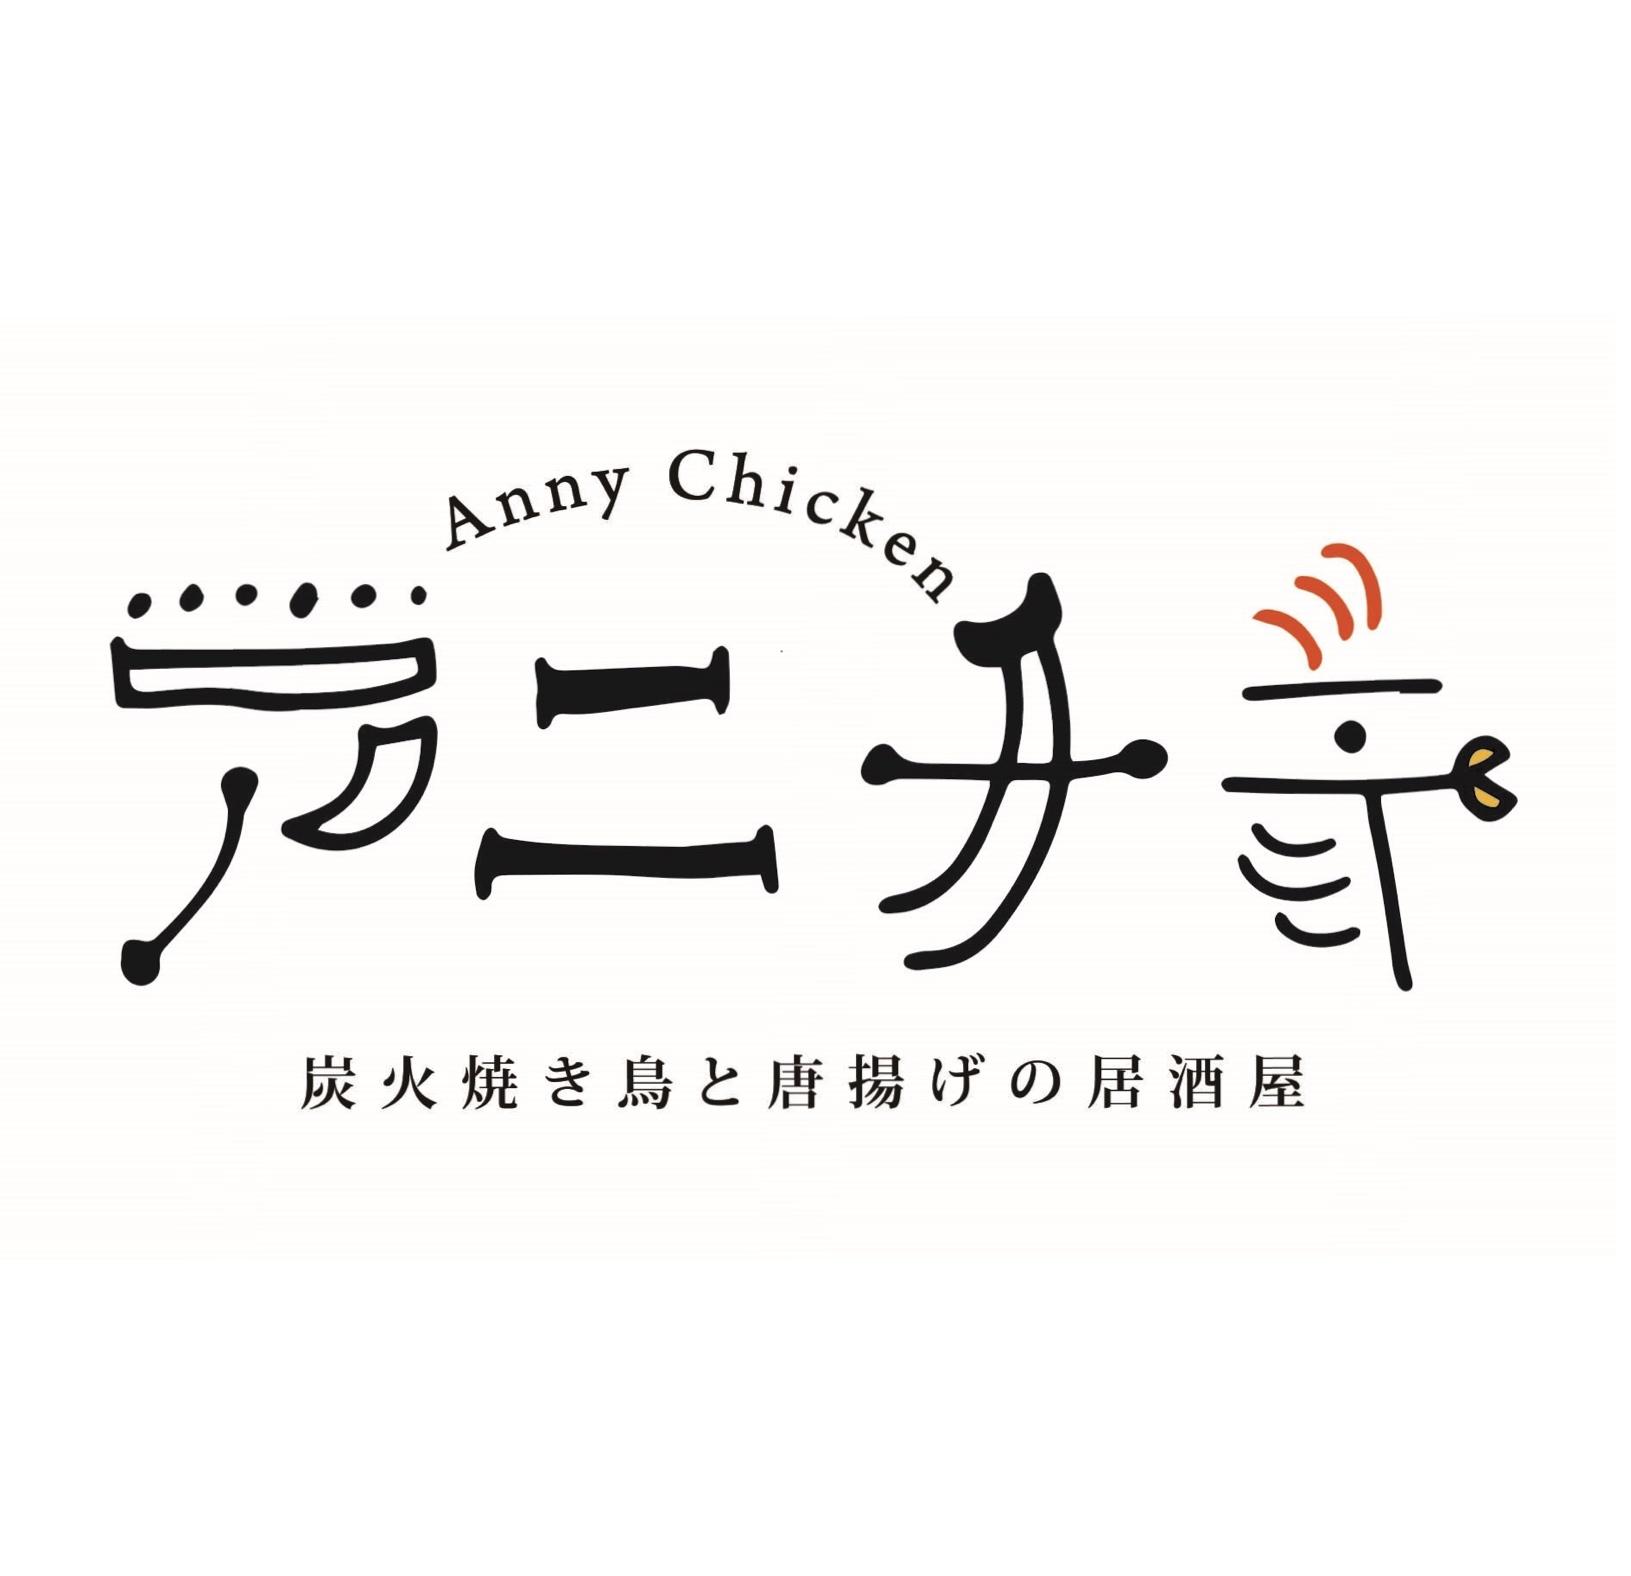 アニチキ〜炭火焼き鳥と唐揚げの居酒屋〜